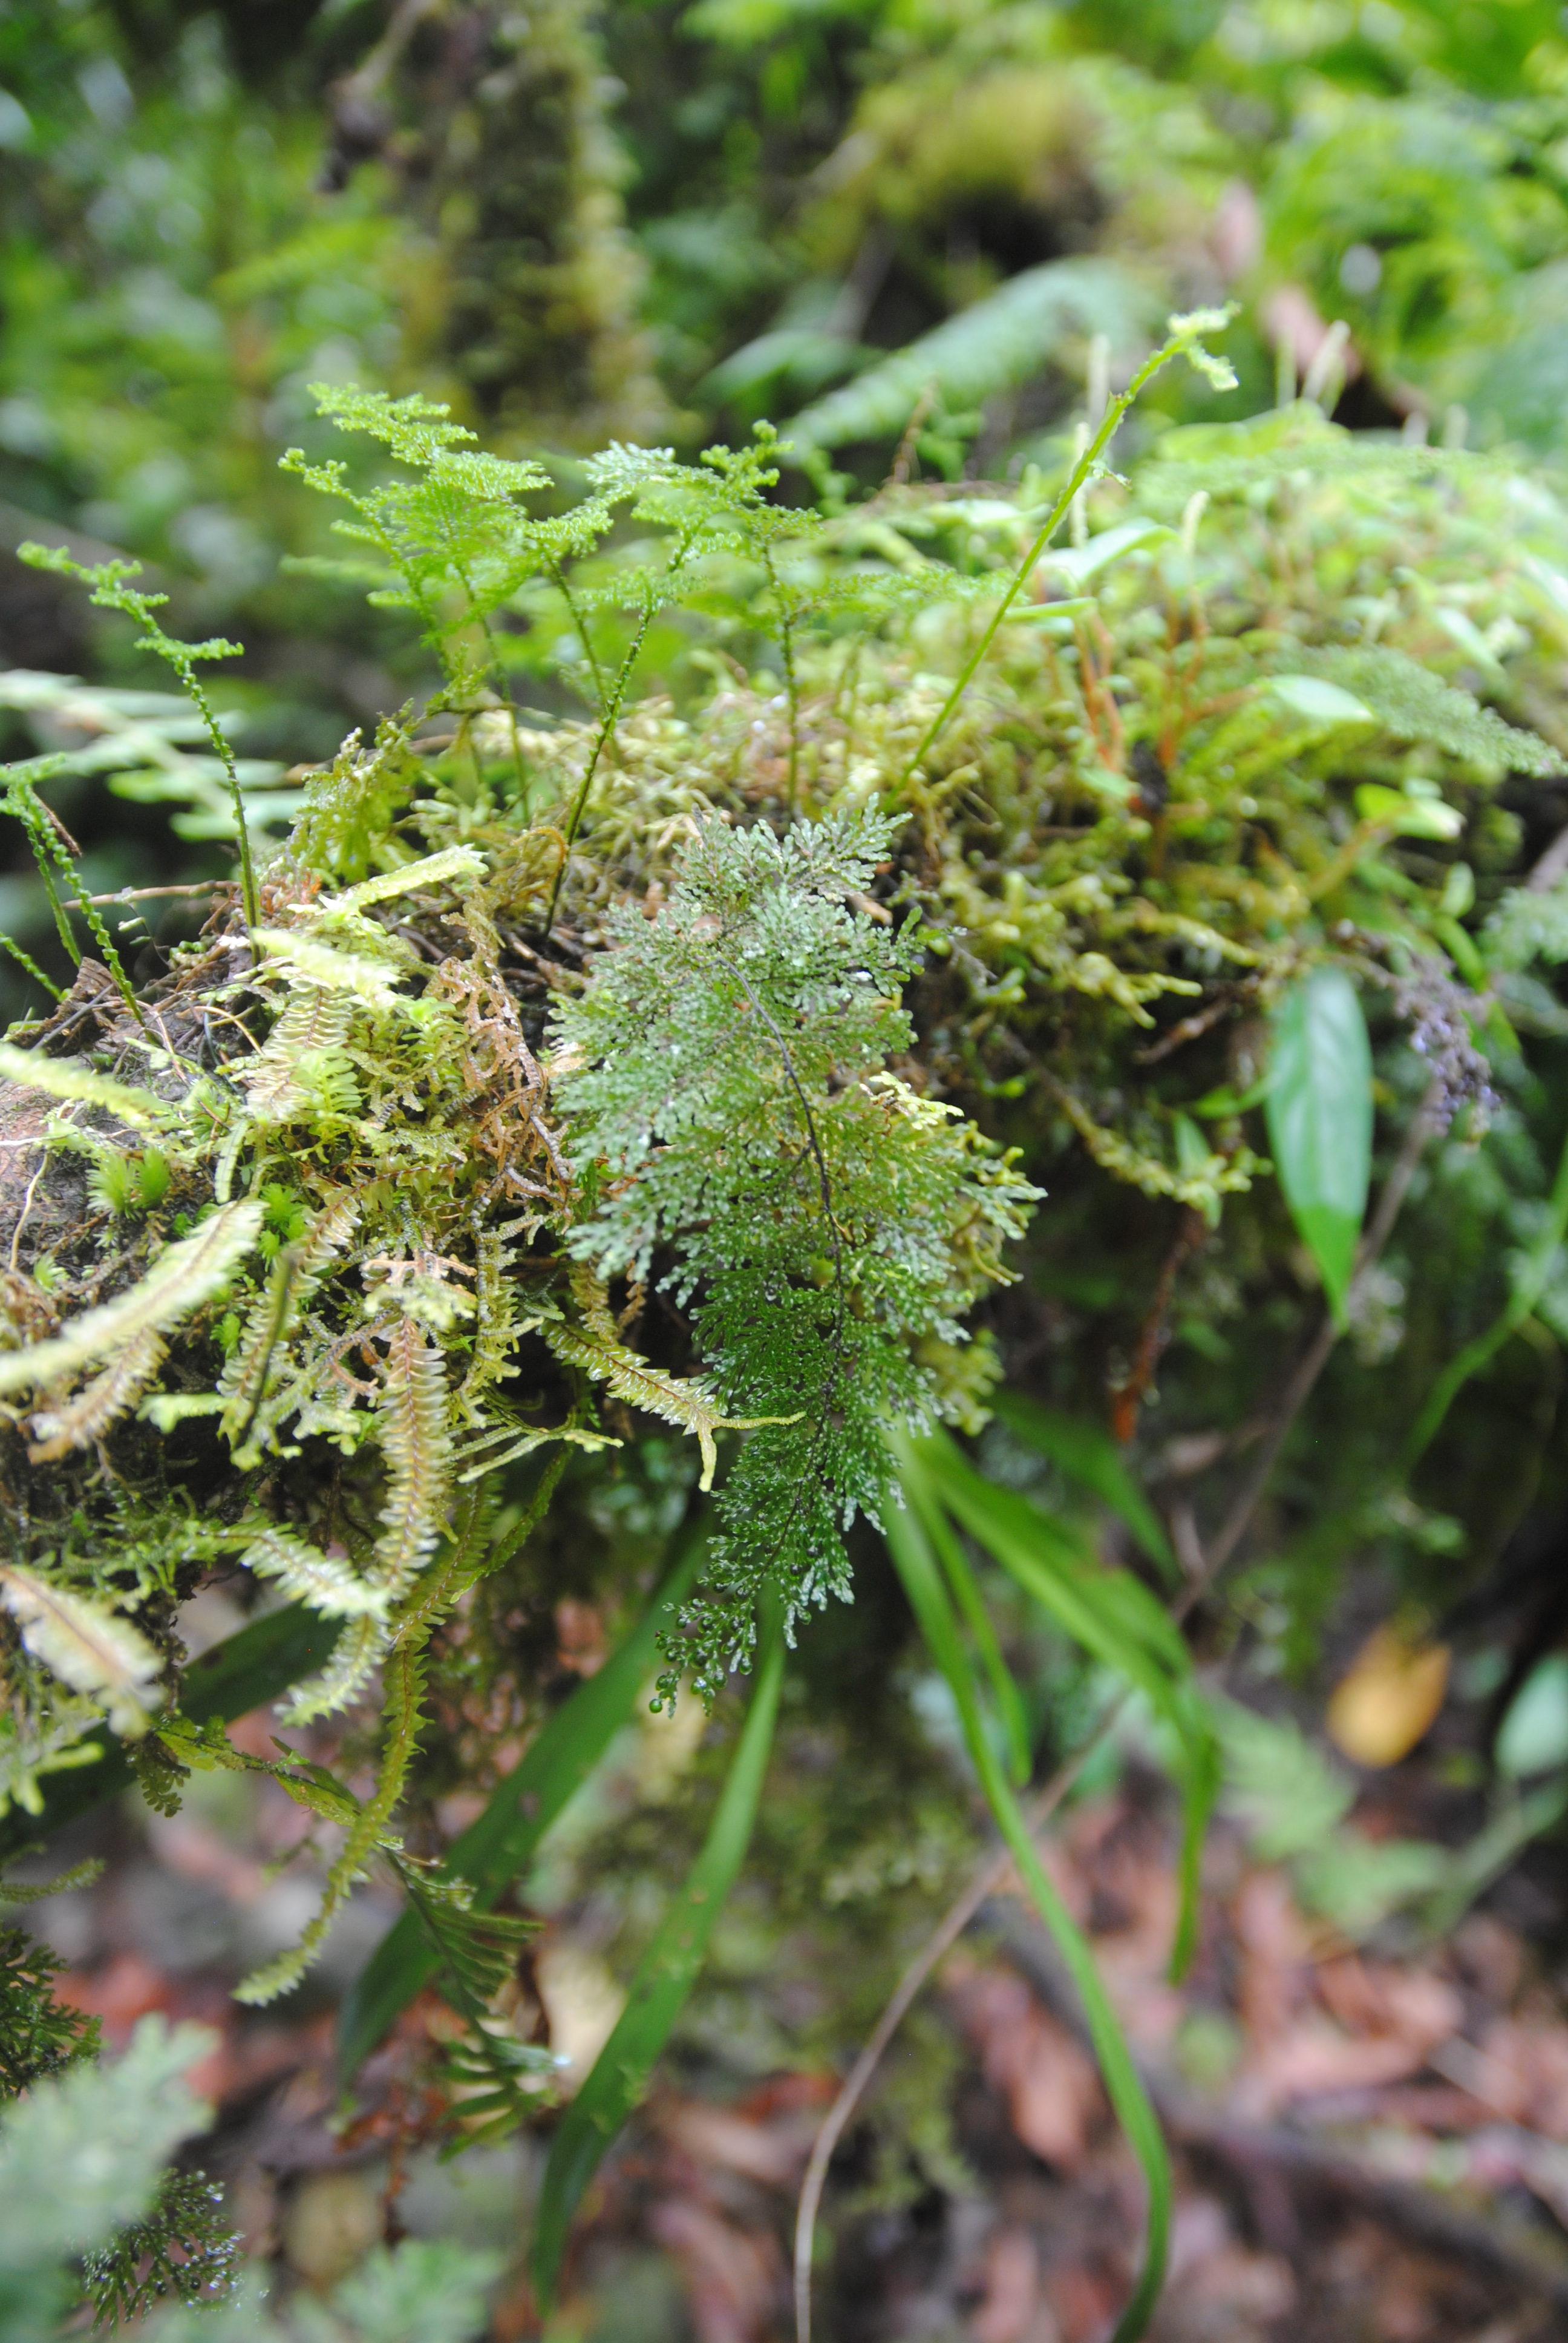 Hymenophyllum reinwardtii